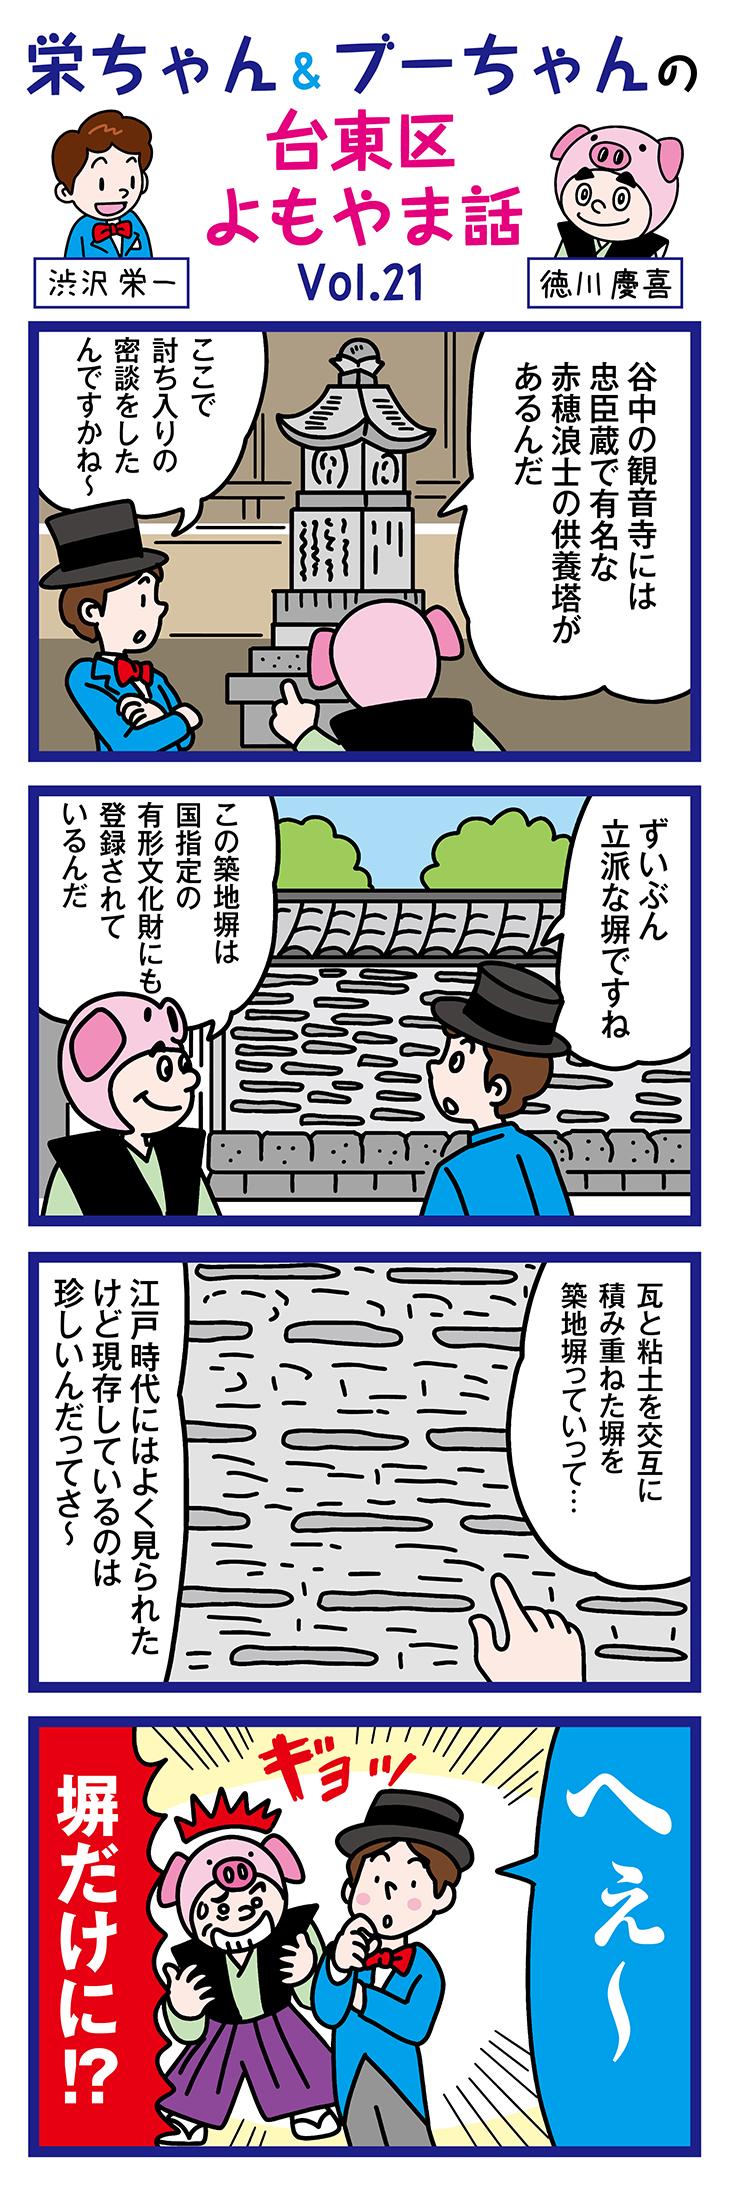 「赤穂浪士の密談場所:谷中の観音寺」歴史×台東区を漫画で学ぶ!Vol.21